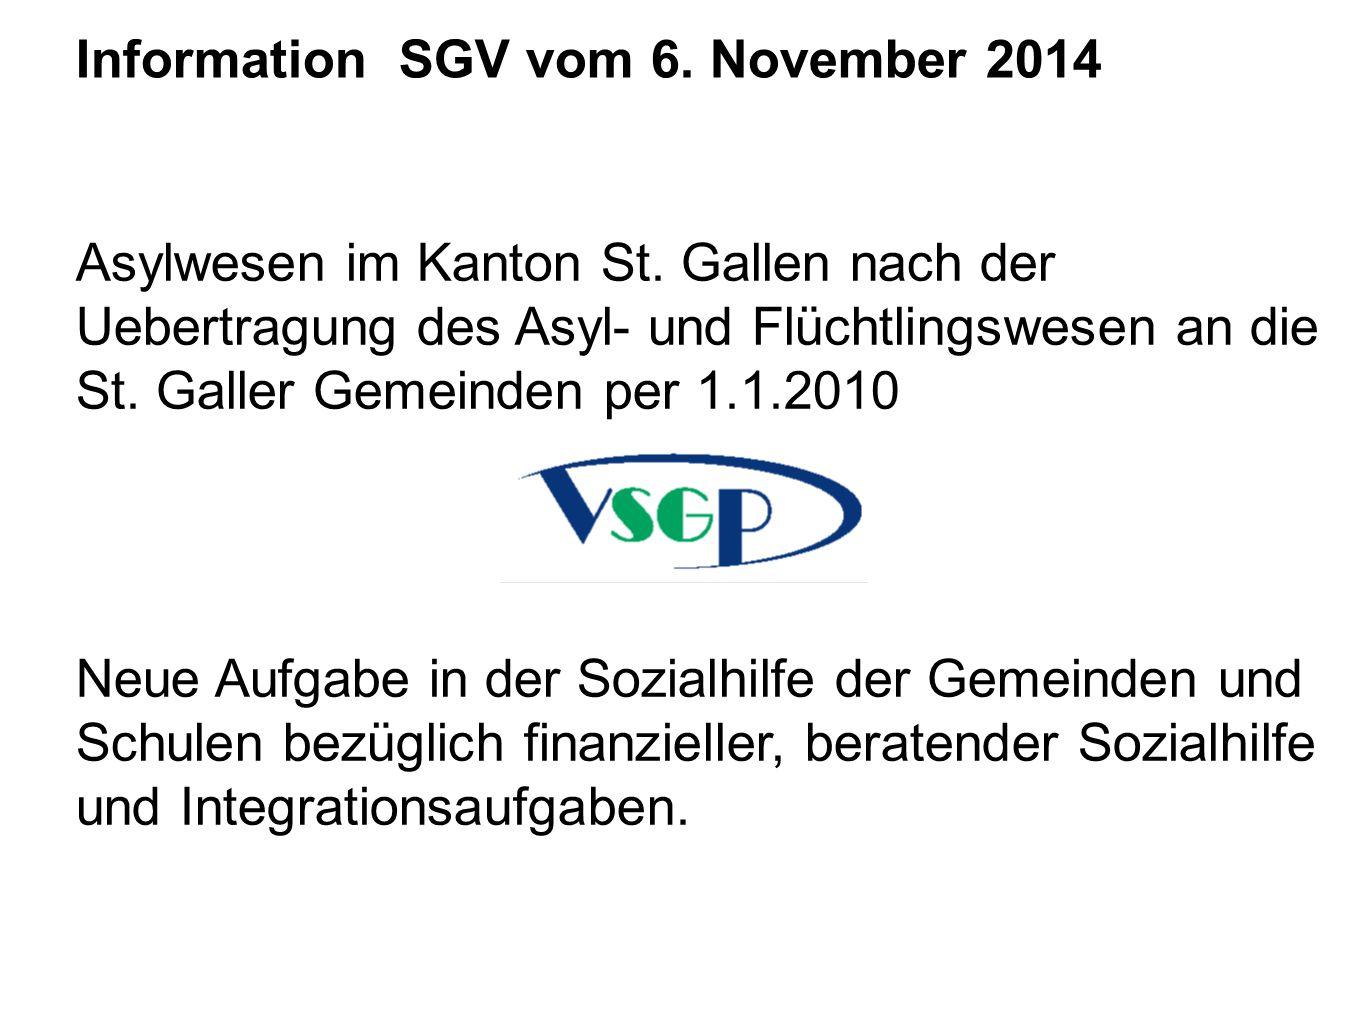 Information SGV vom 6. November 2014 Asylwesen im Kanton St. Gallen nach der Uebertragung des Asyl- und Flüchtlingswesen an die St. Galler Gemeinden p